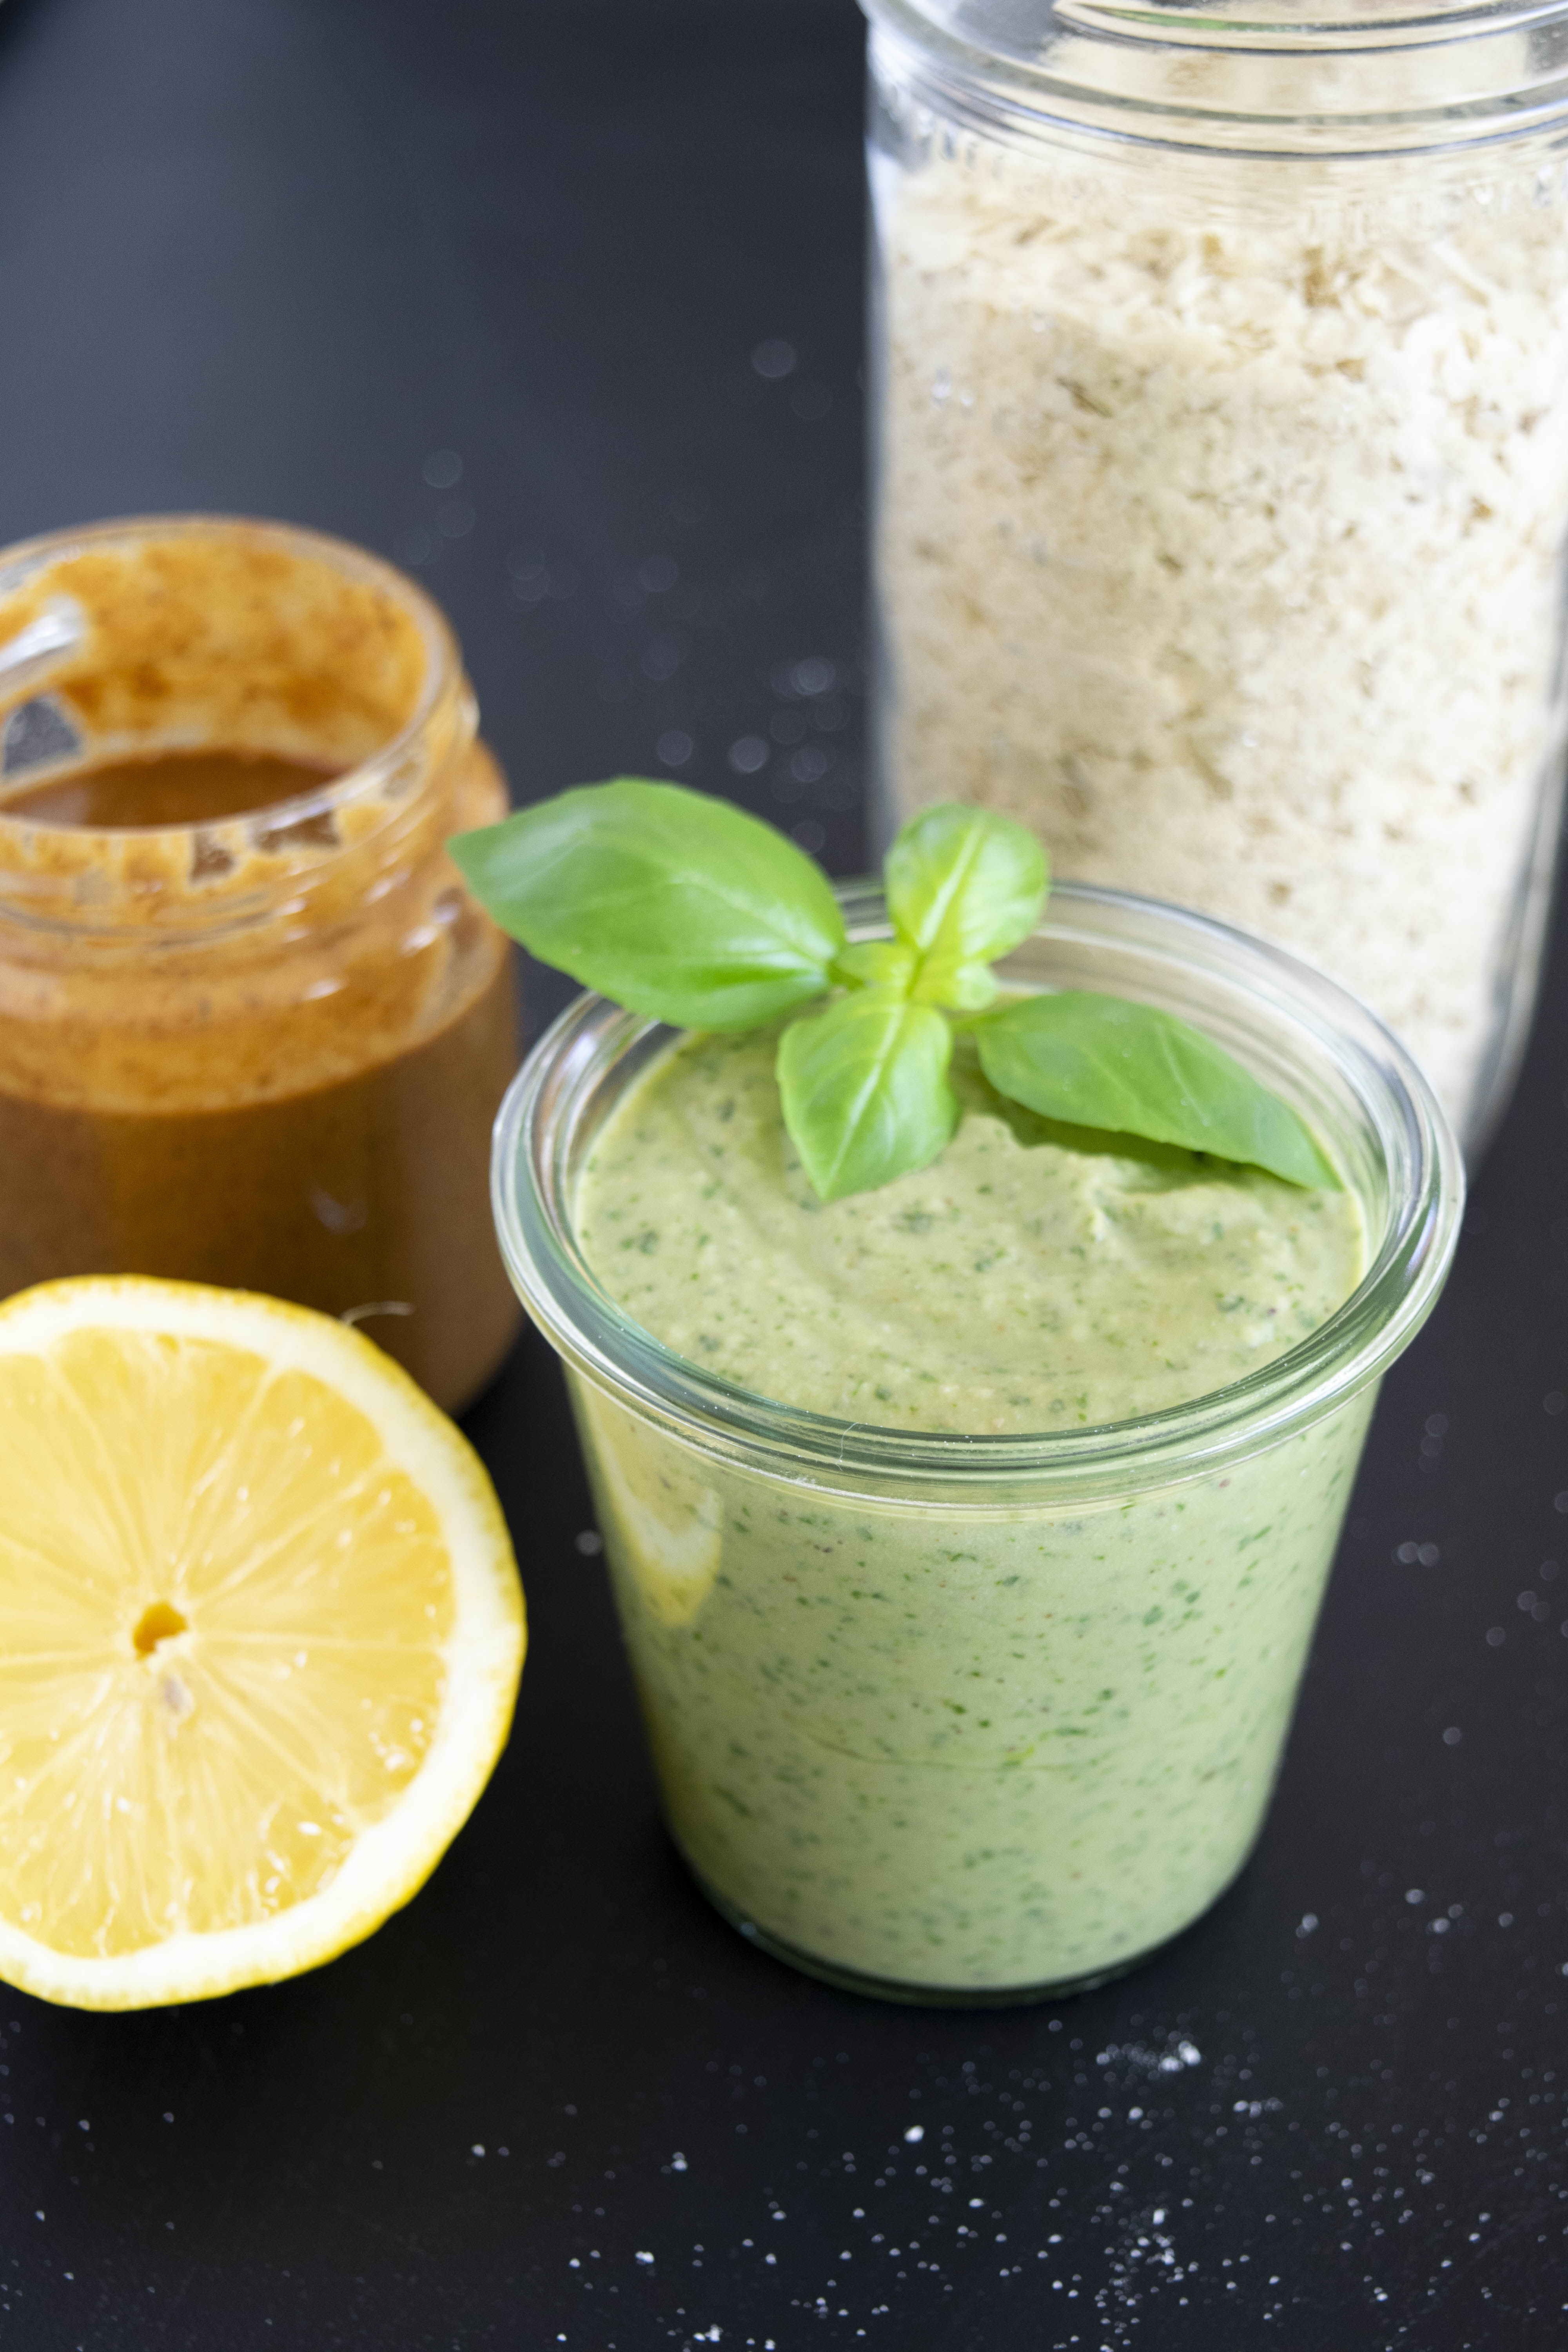 Pesto ohne Öl, vegan, proteinreich, gesund, ballaststoffreich, fraujanik, Blogger, Basel, Foodblog, wenige Zutaten, aus weissen Bohnen, schnell und einfach